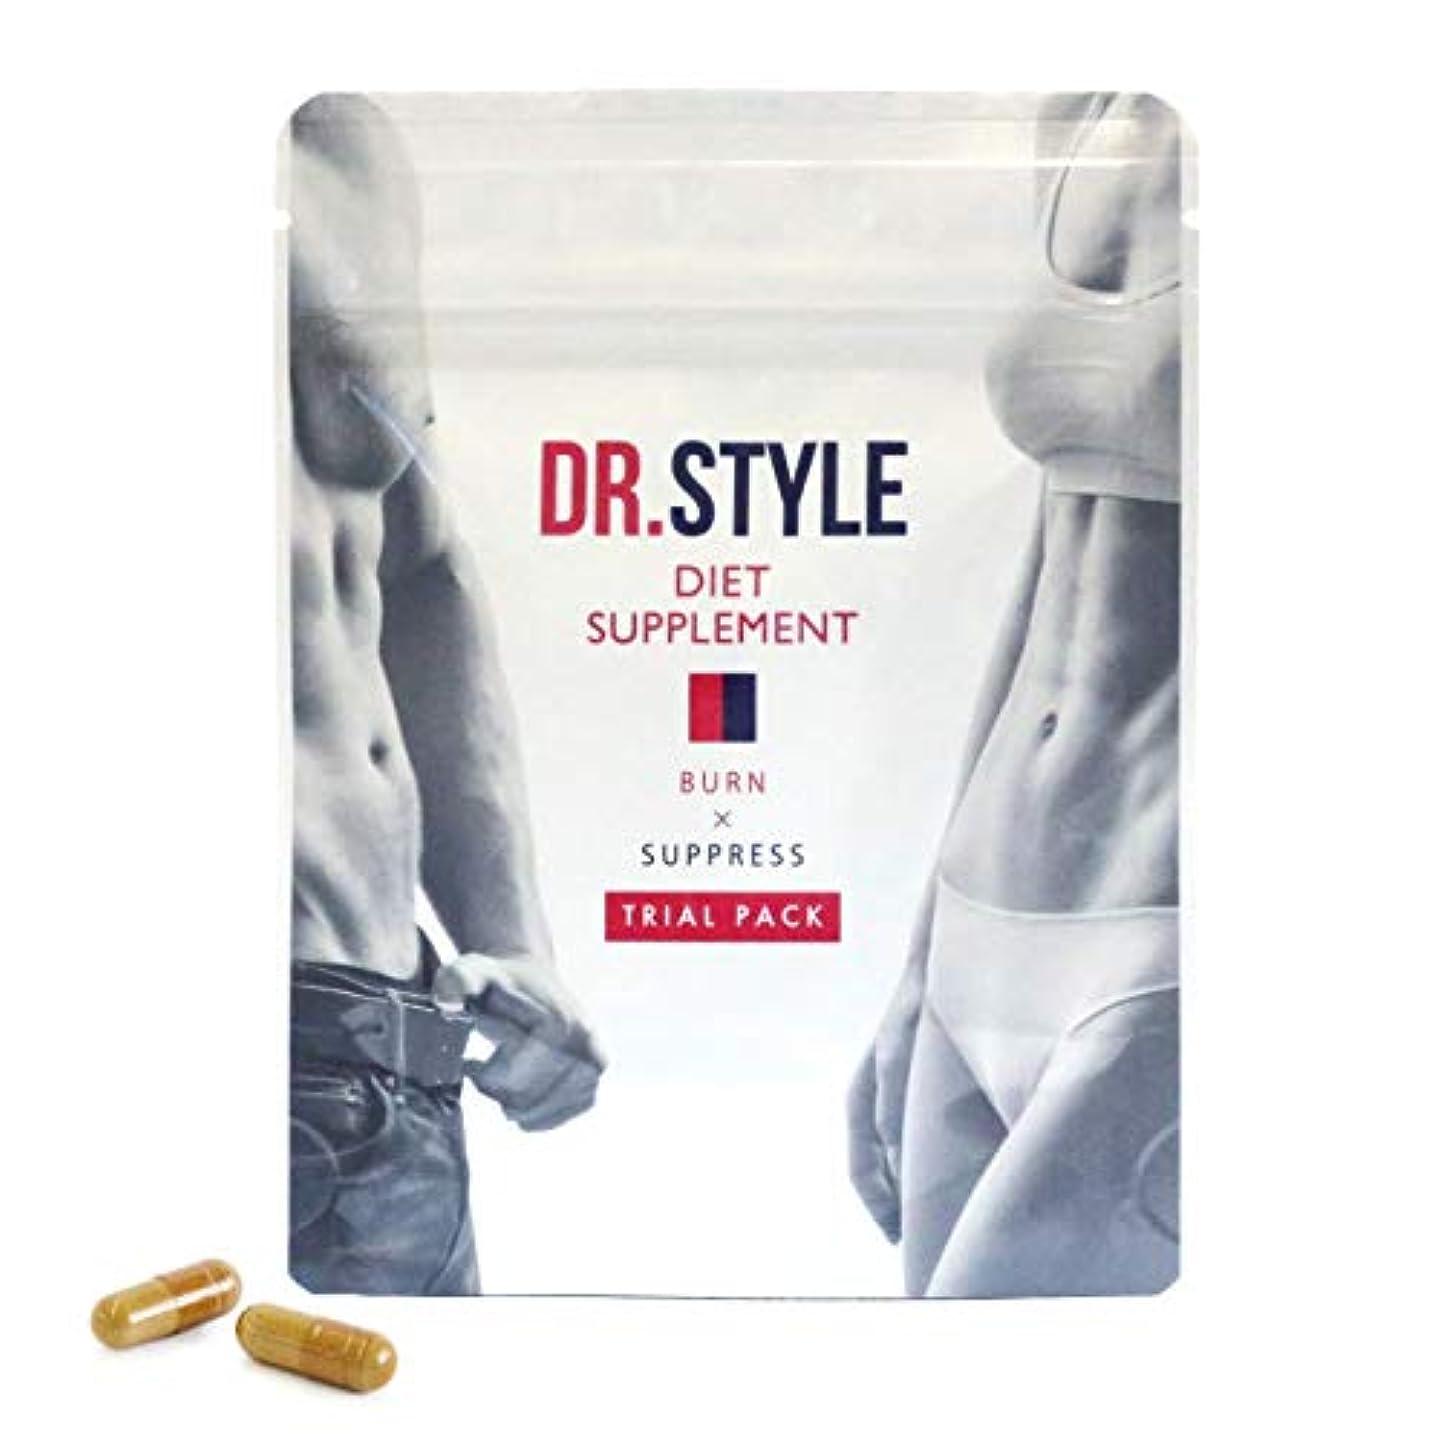 姿勢療法ライラック医師監修 ダイエット サプリメント DR.STYLE 1週間トライアルパック